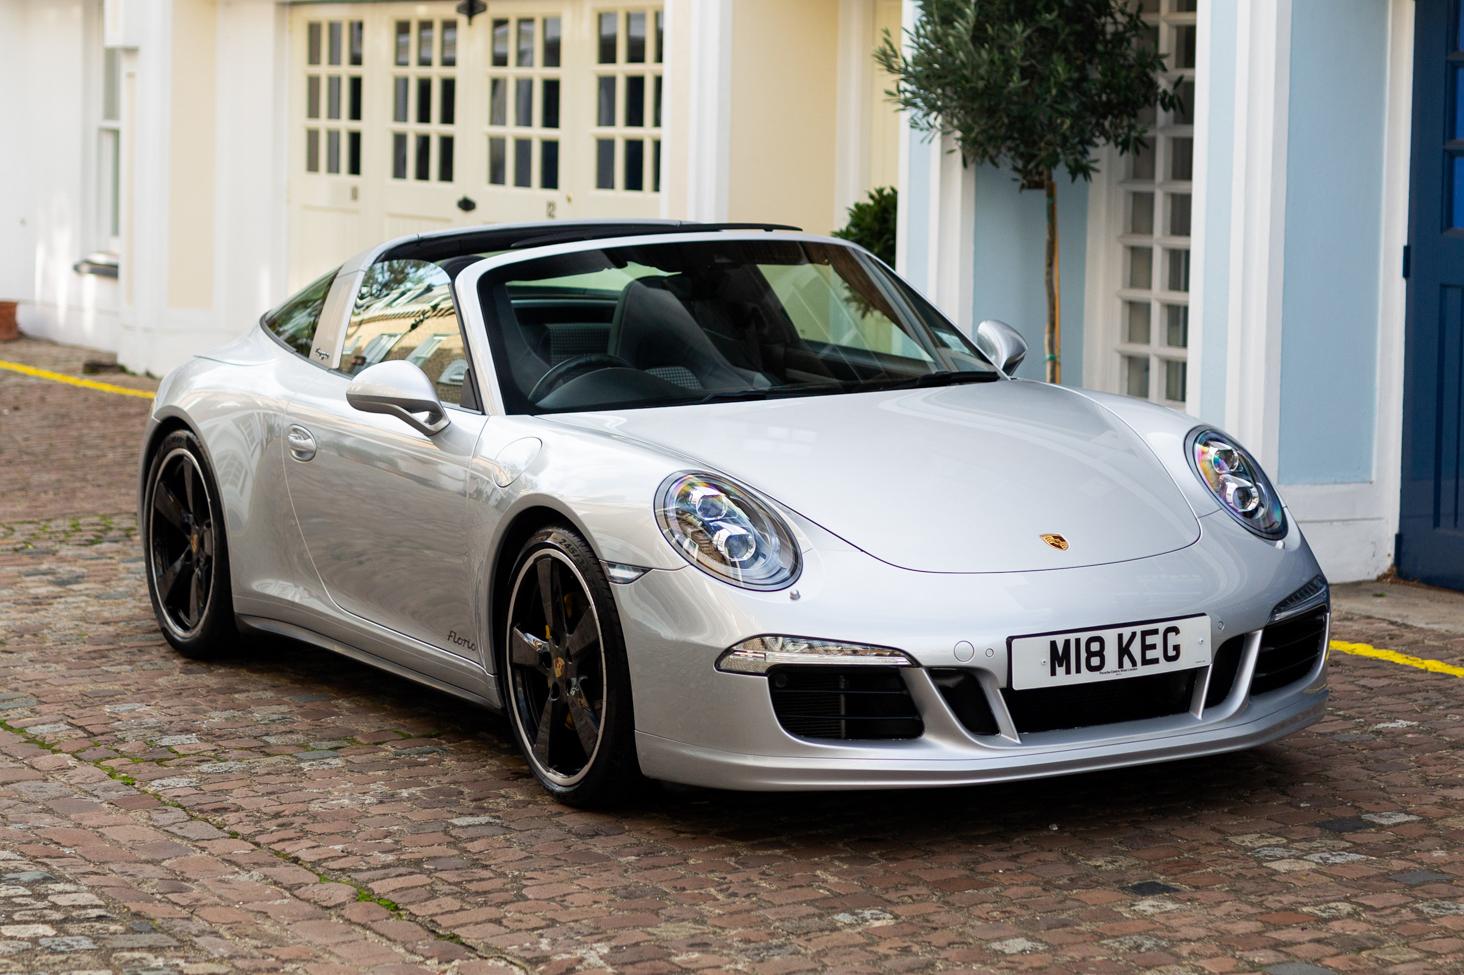 2015 Porsche 911 991 Targa 4s Mayfair Edition